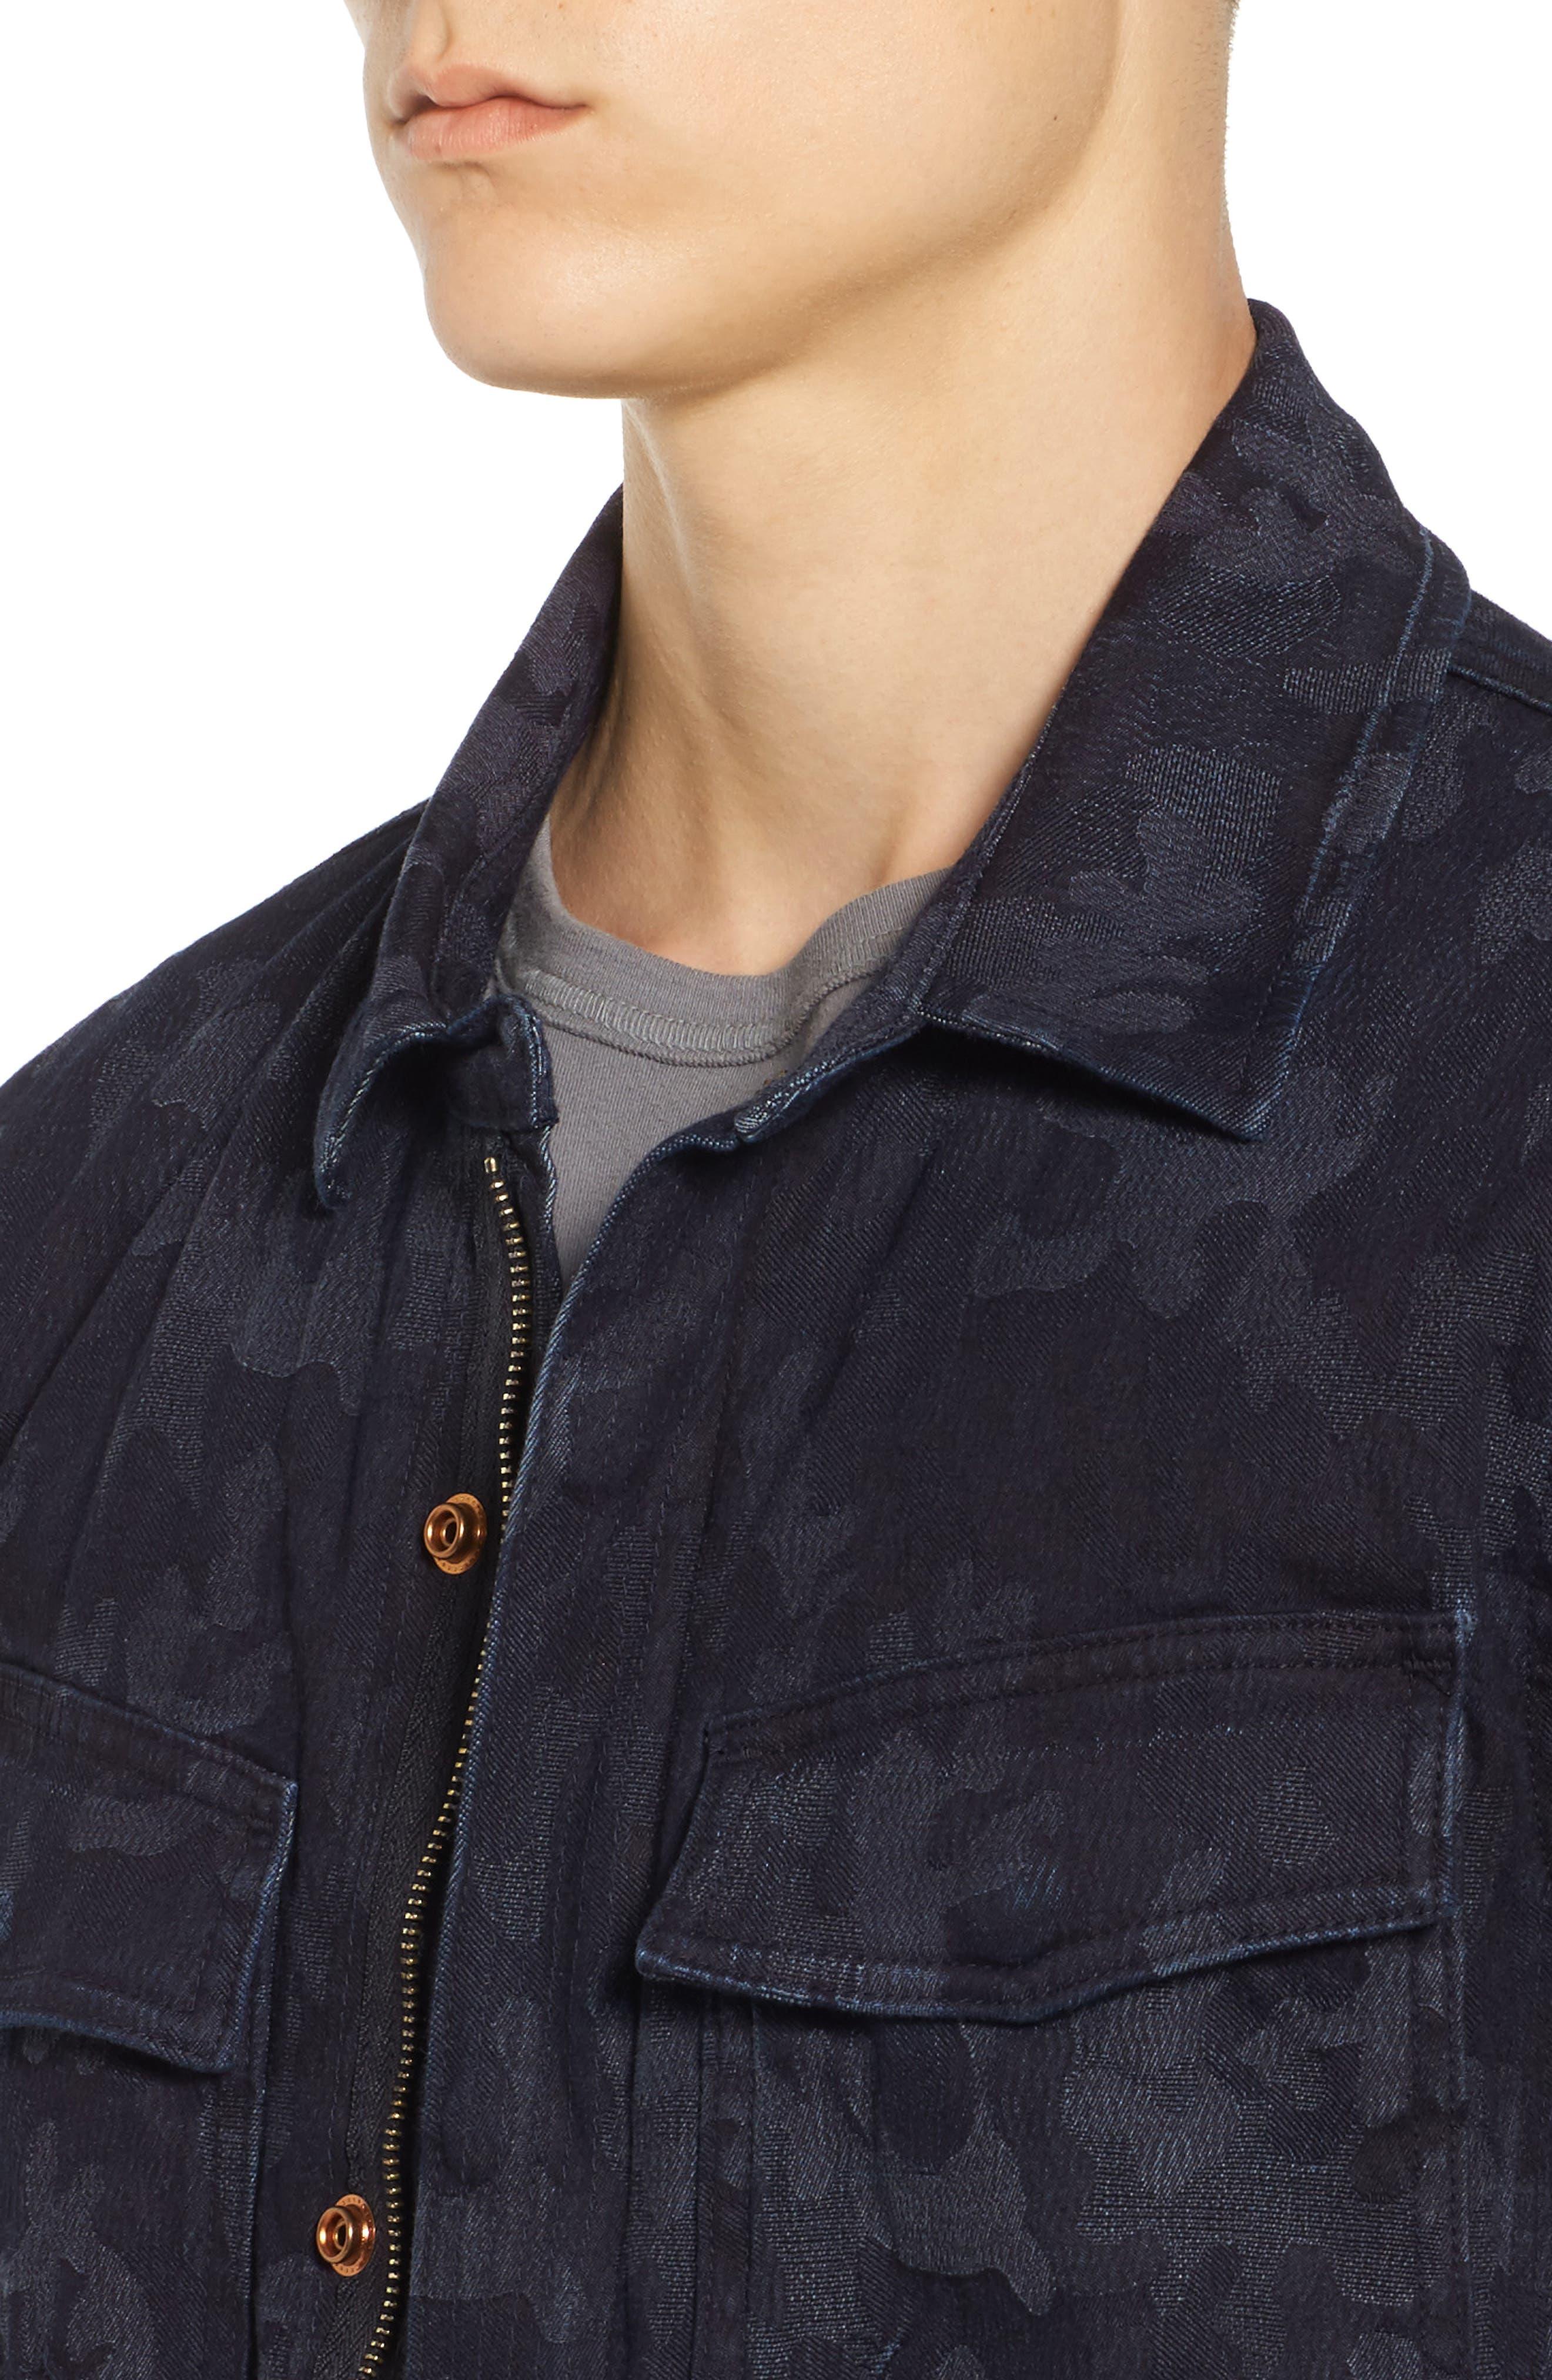 Camo Field Jacket,                             Alternate thumbnail 4, color,                             Indigo Camo